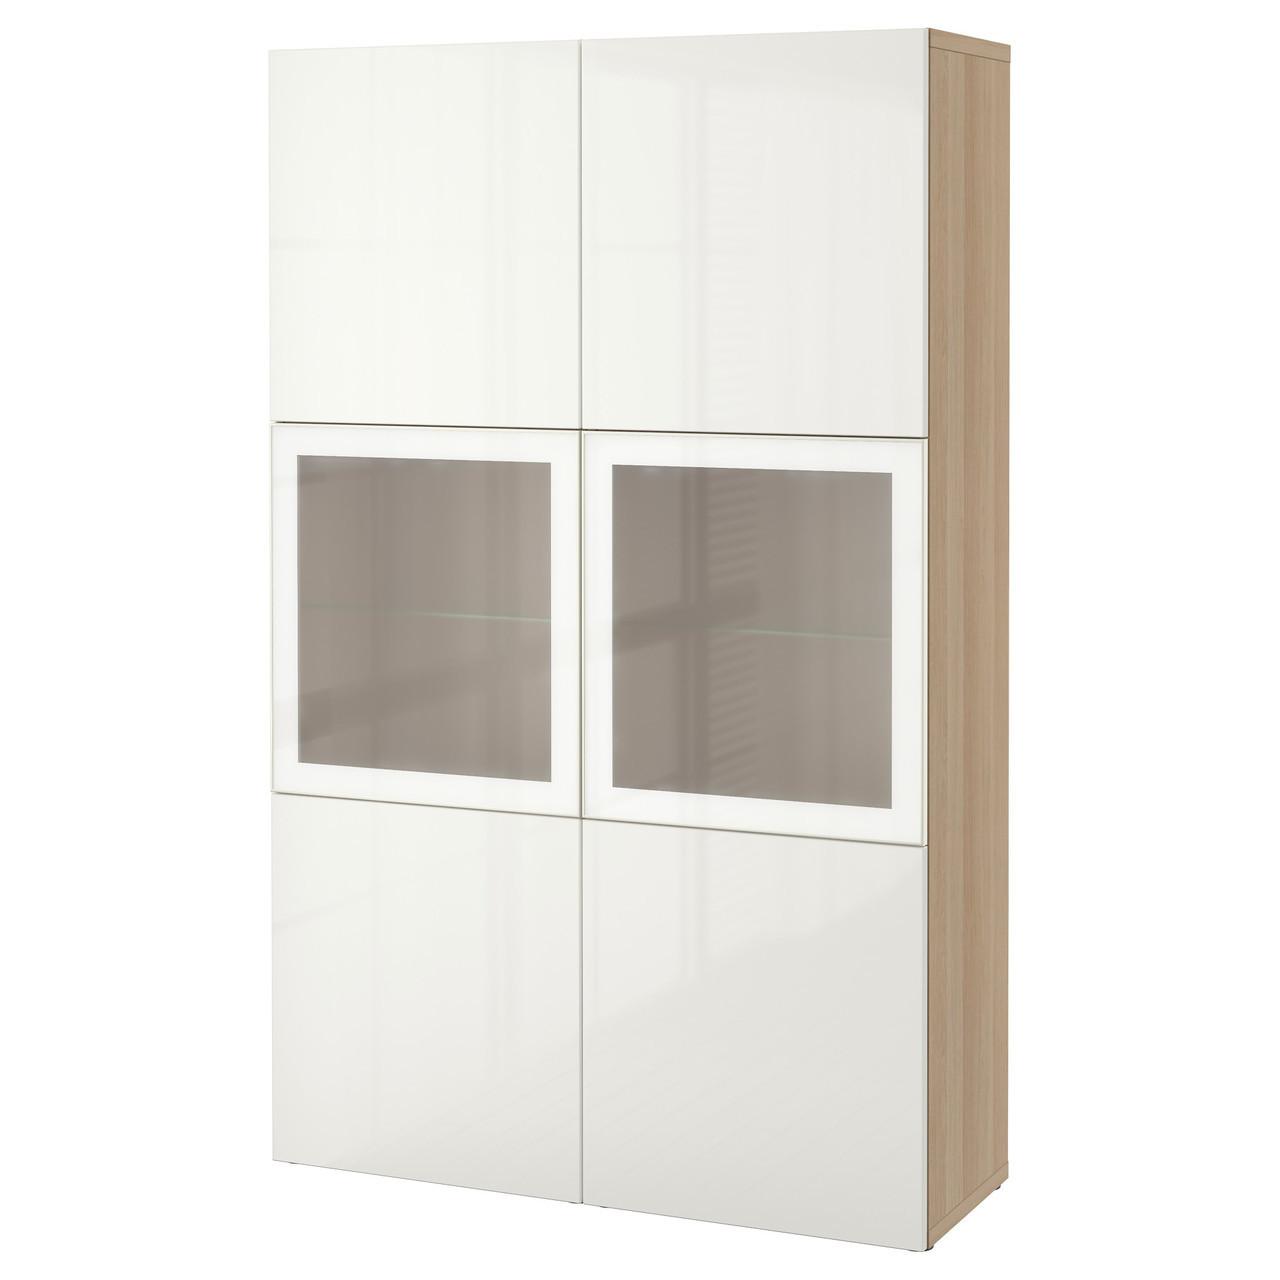 BESTÅ Стеллаж/стеклянная дверь, дуб bejcowany бело, Selsviken глянцевый белый матовое стекло 490.898.97